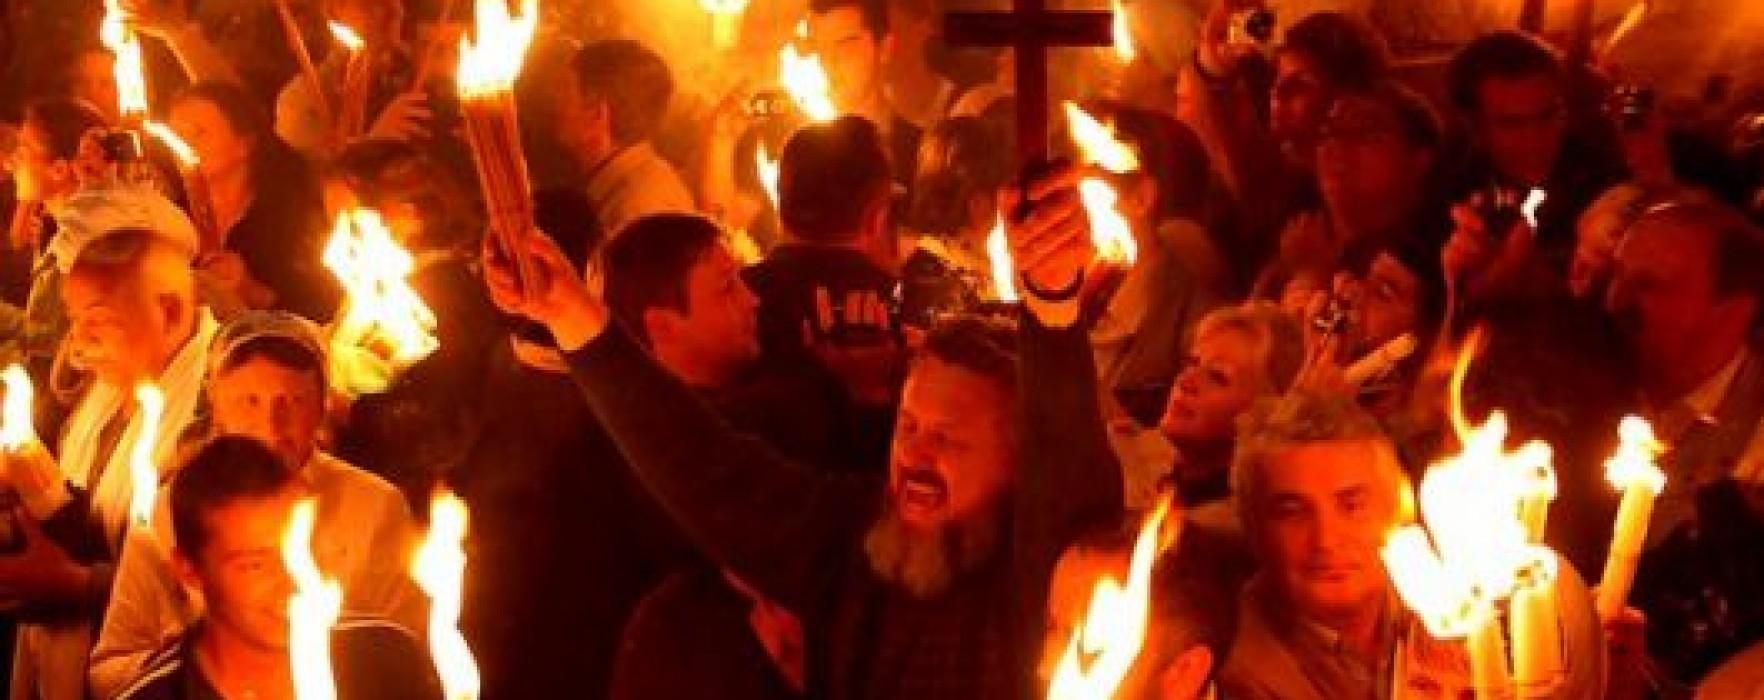 Istoria focului haric, care apare la Ierusalim. Profeţia apocaliptică din spatele luminii sfinte